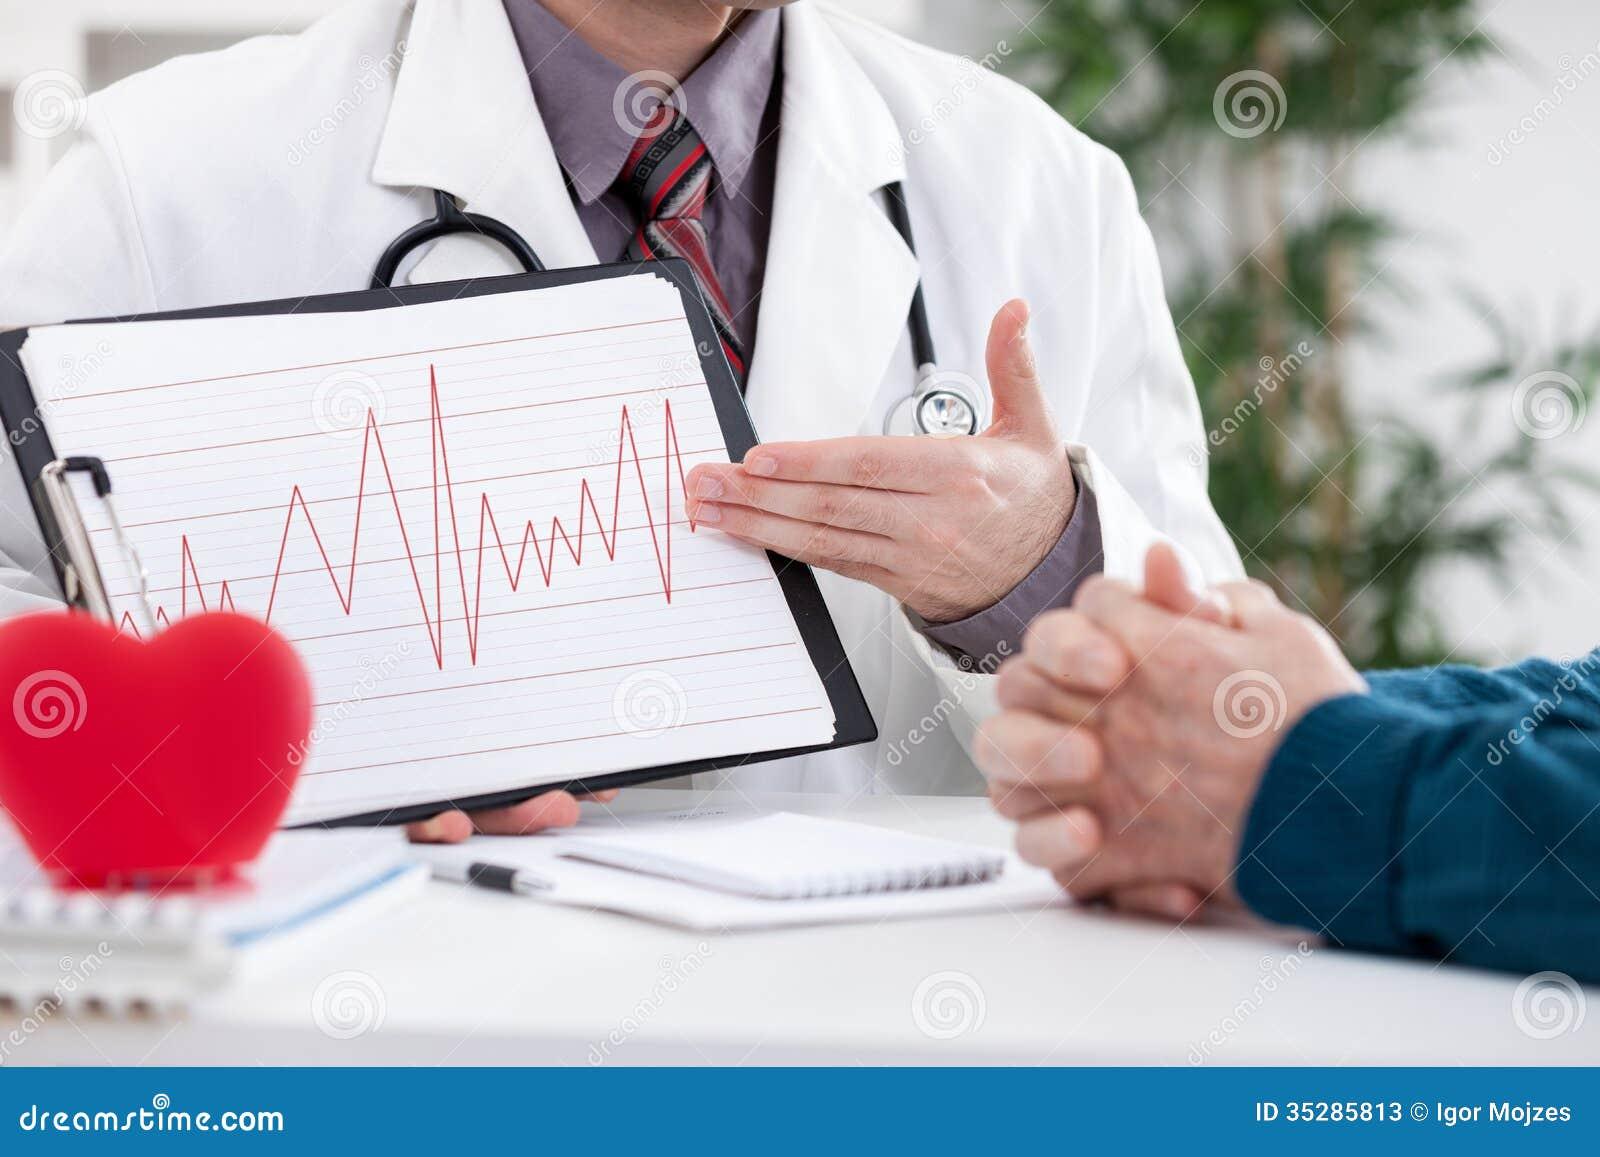 Kardiolog pokazuje EKG rezultaty